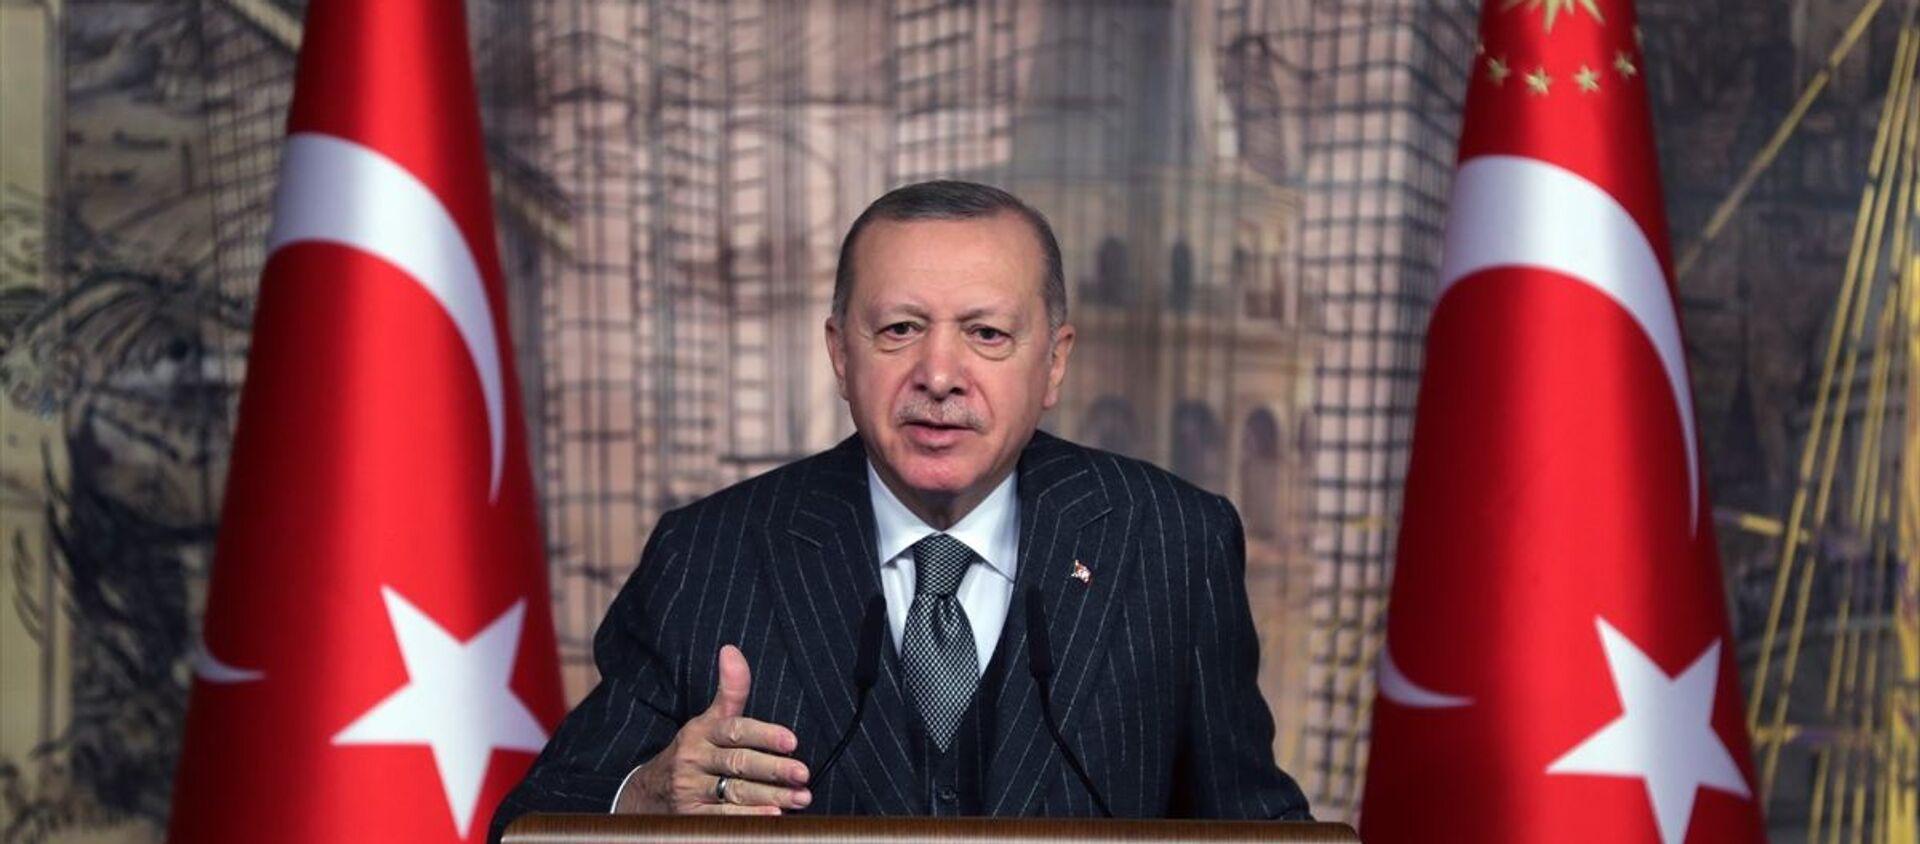 Recep Tayyip Erdoğan - Sputnik Türkiye, 1920, 11.04.2021